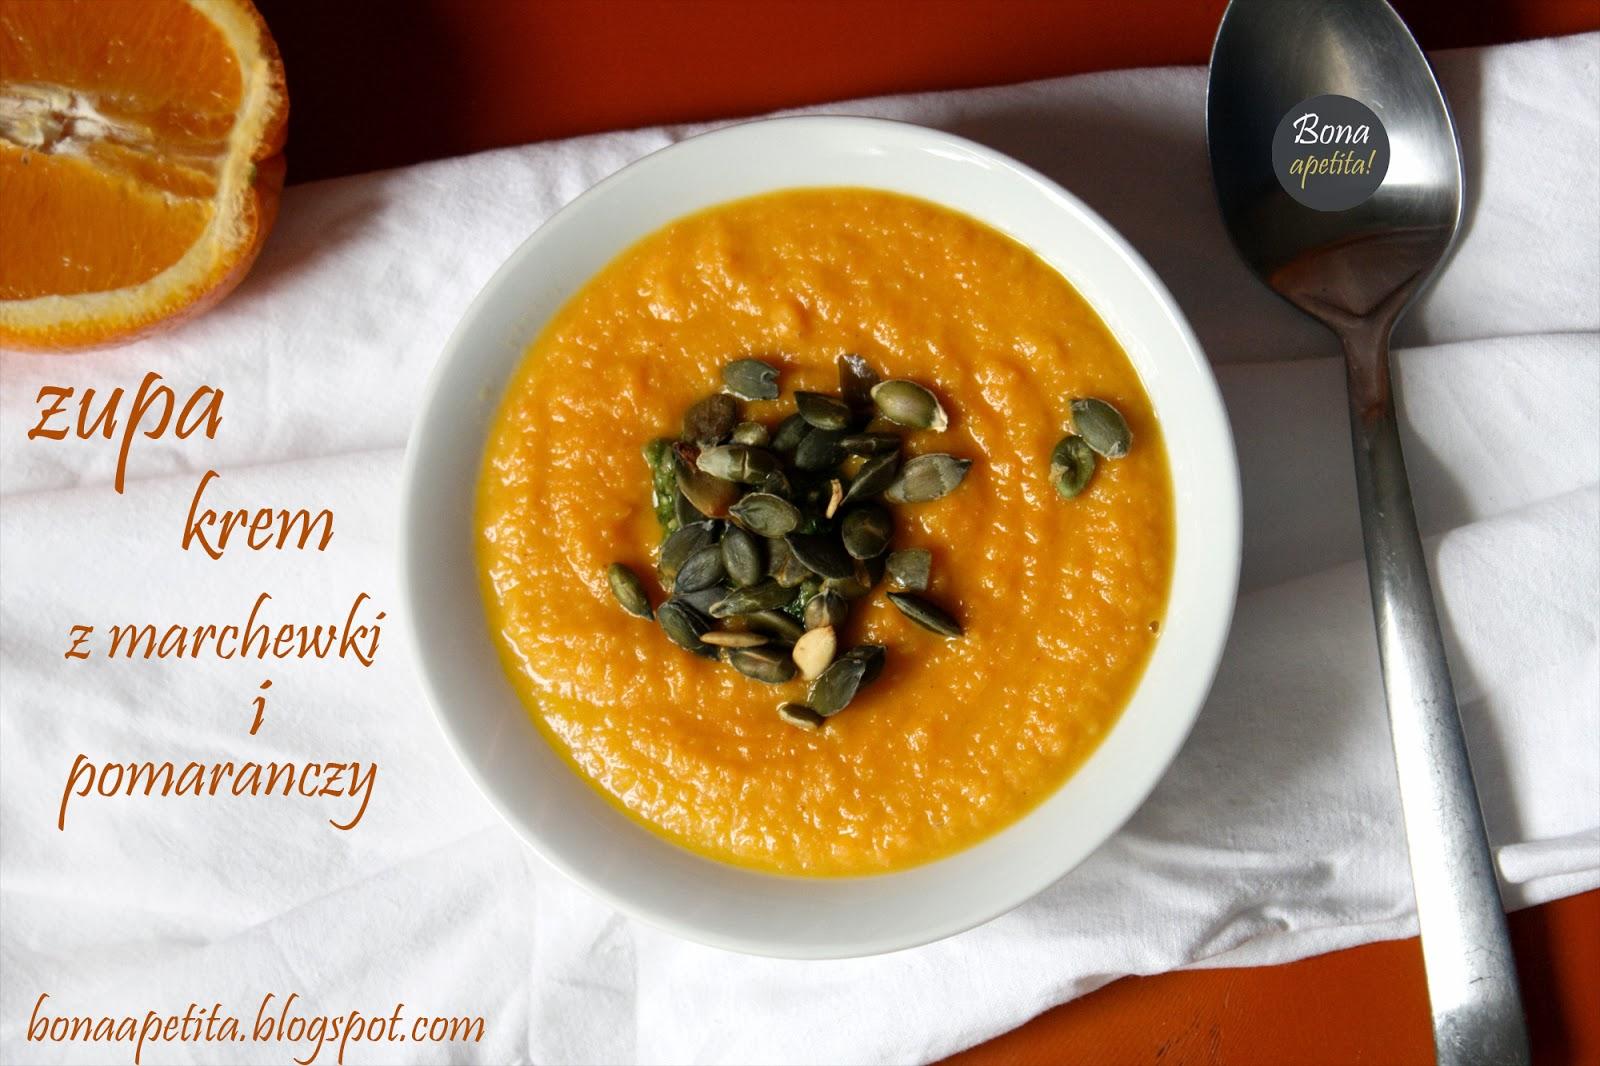 Zupa krem z marchewki z pomarańczami, pesto z pora i pestkami dyni